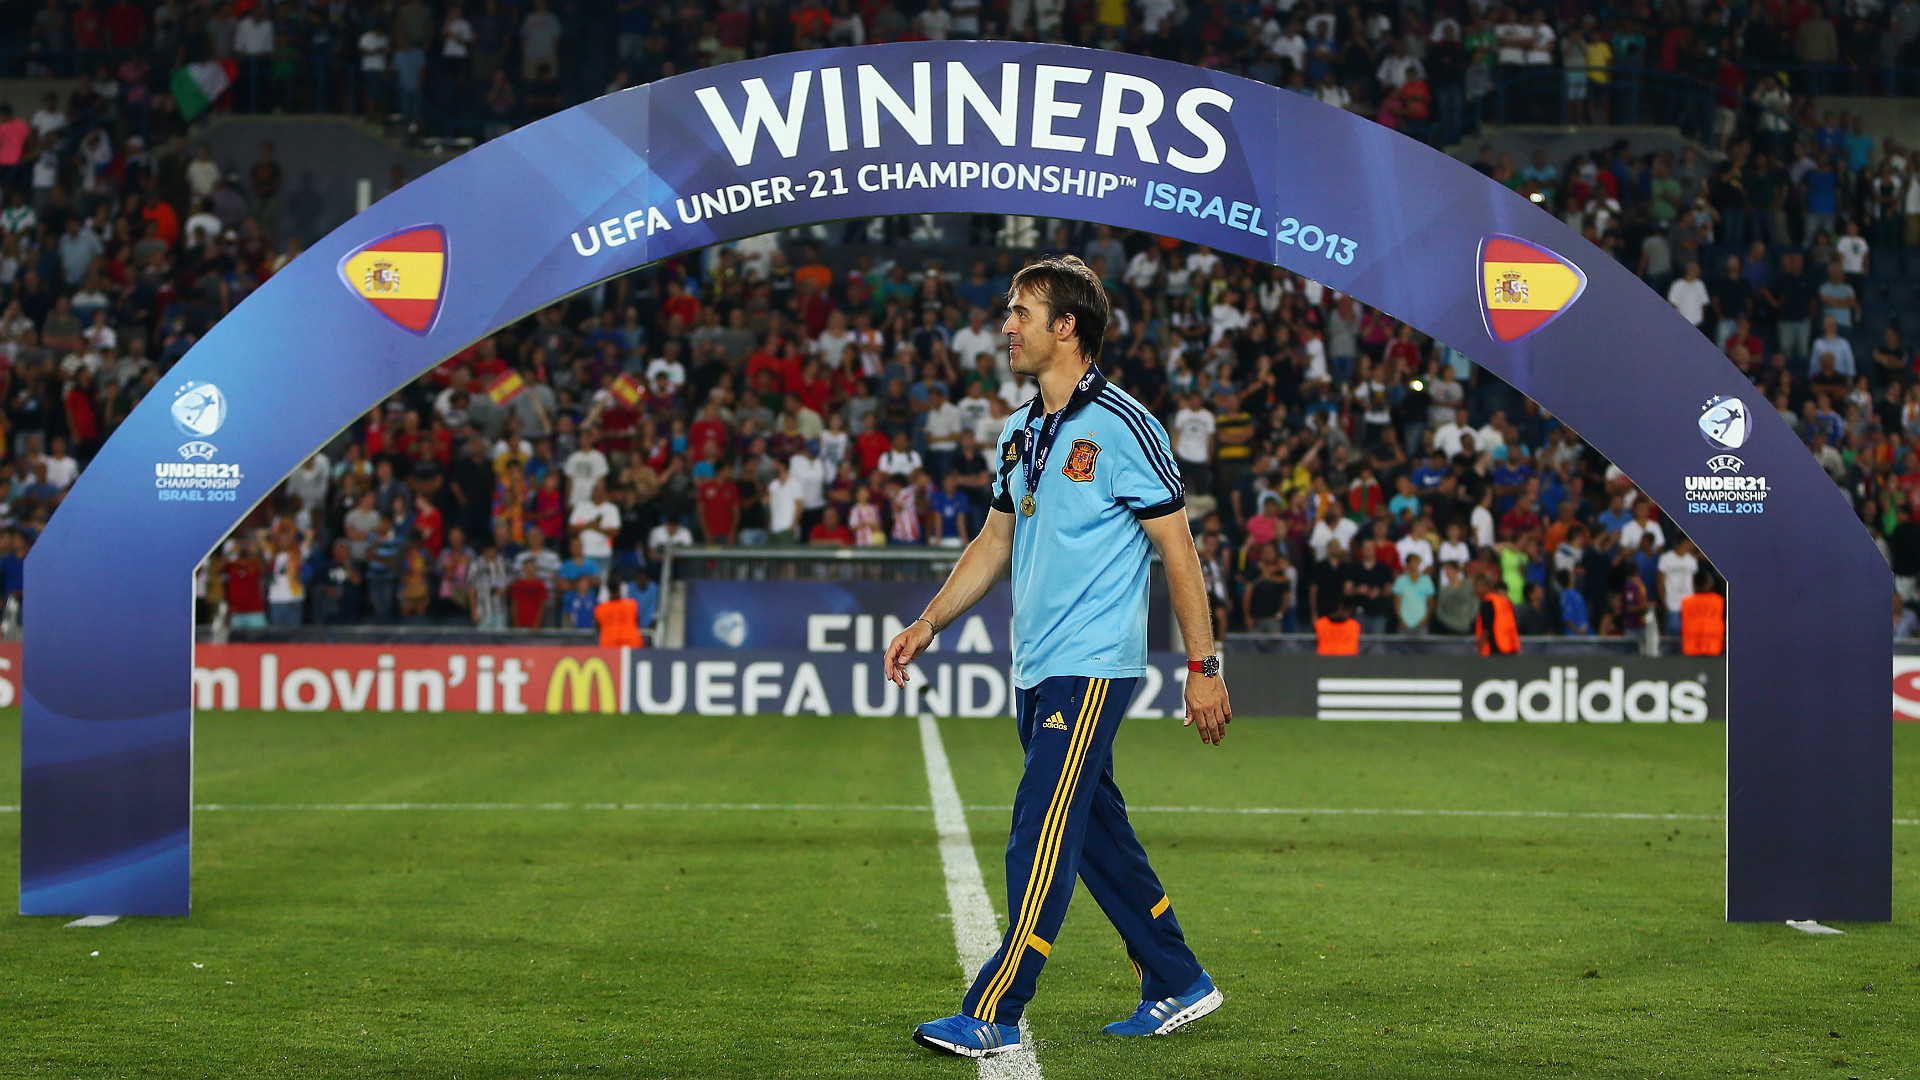 Julen Lopetegui Spain U21 2013